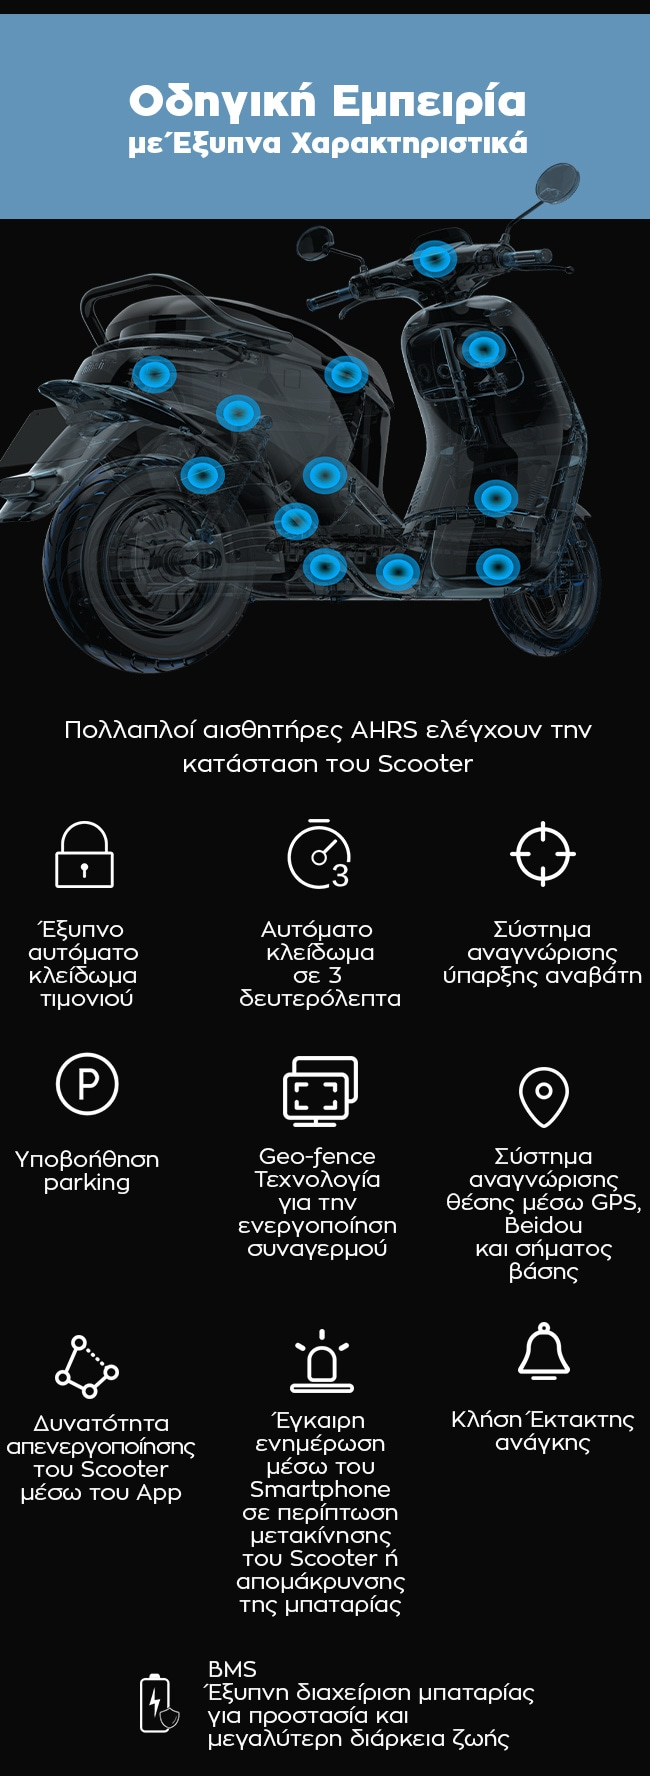 Πολλαπλοί αισθητήρες AHRS ελέγχουν την κατάσταση του Scooter